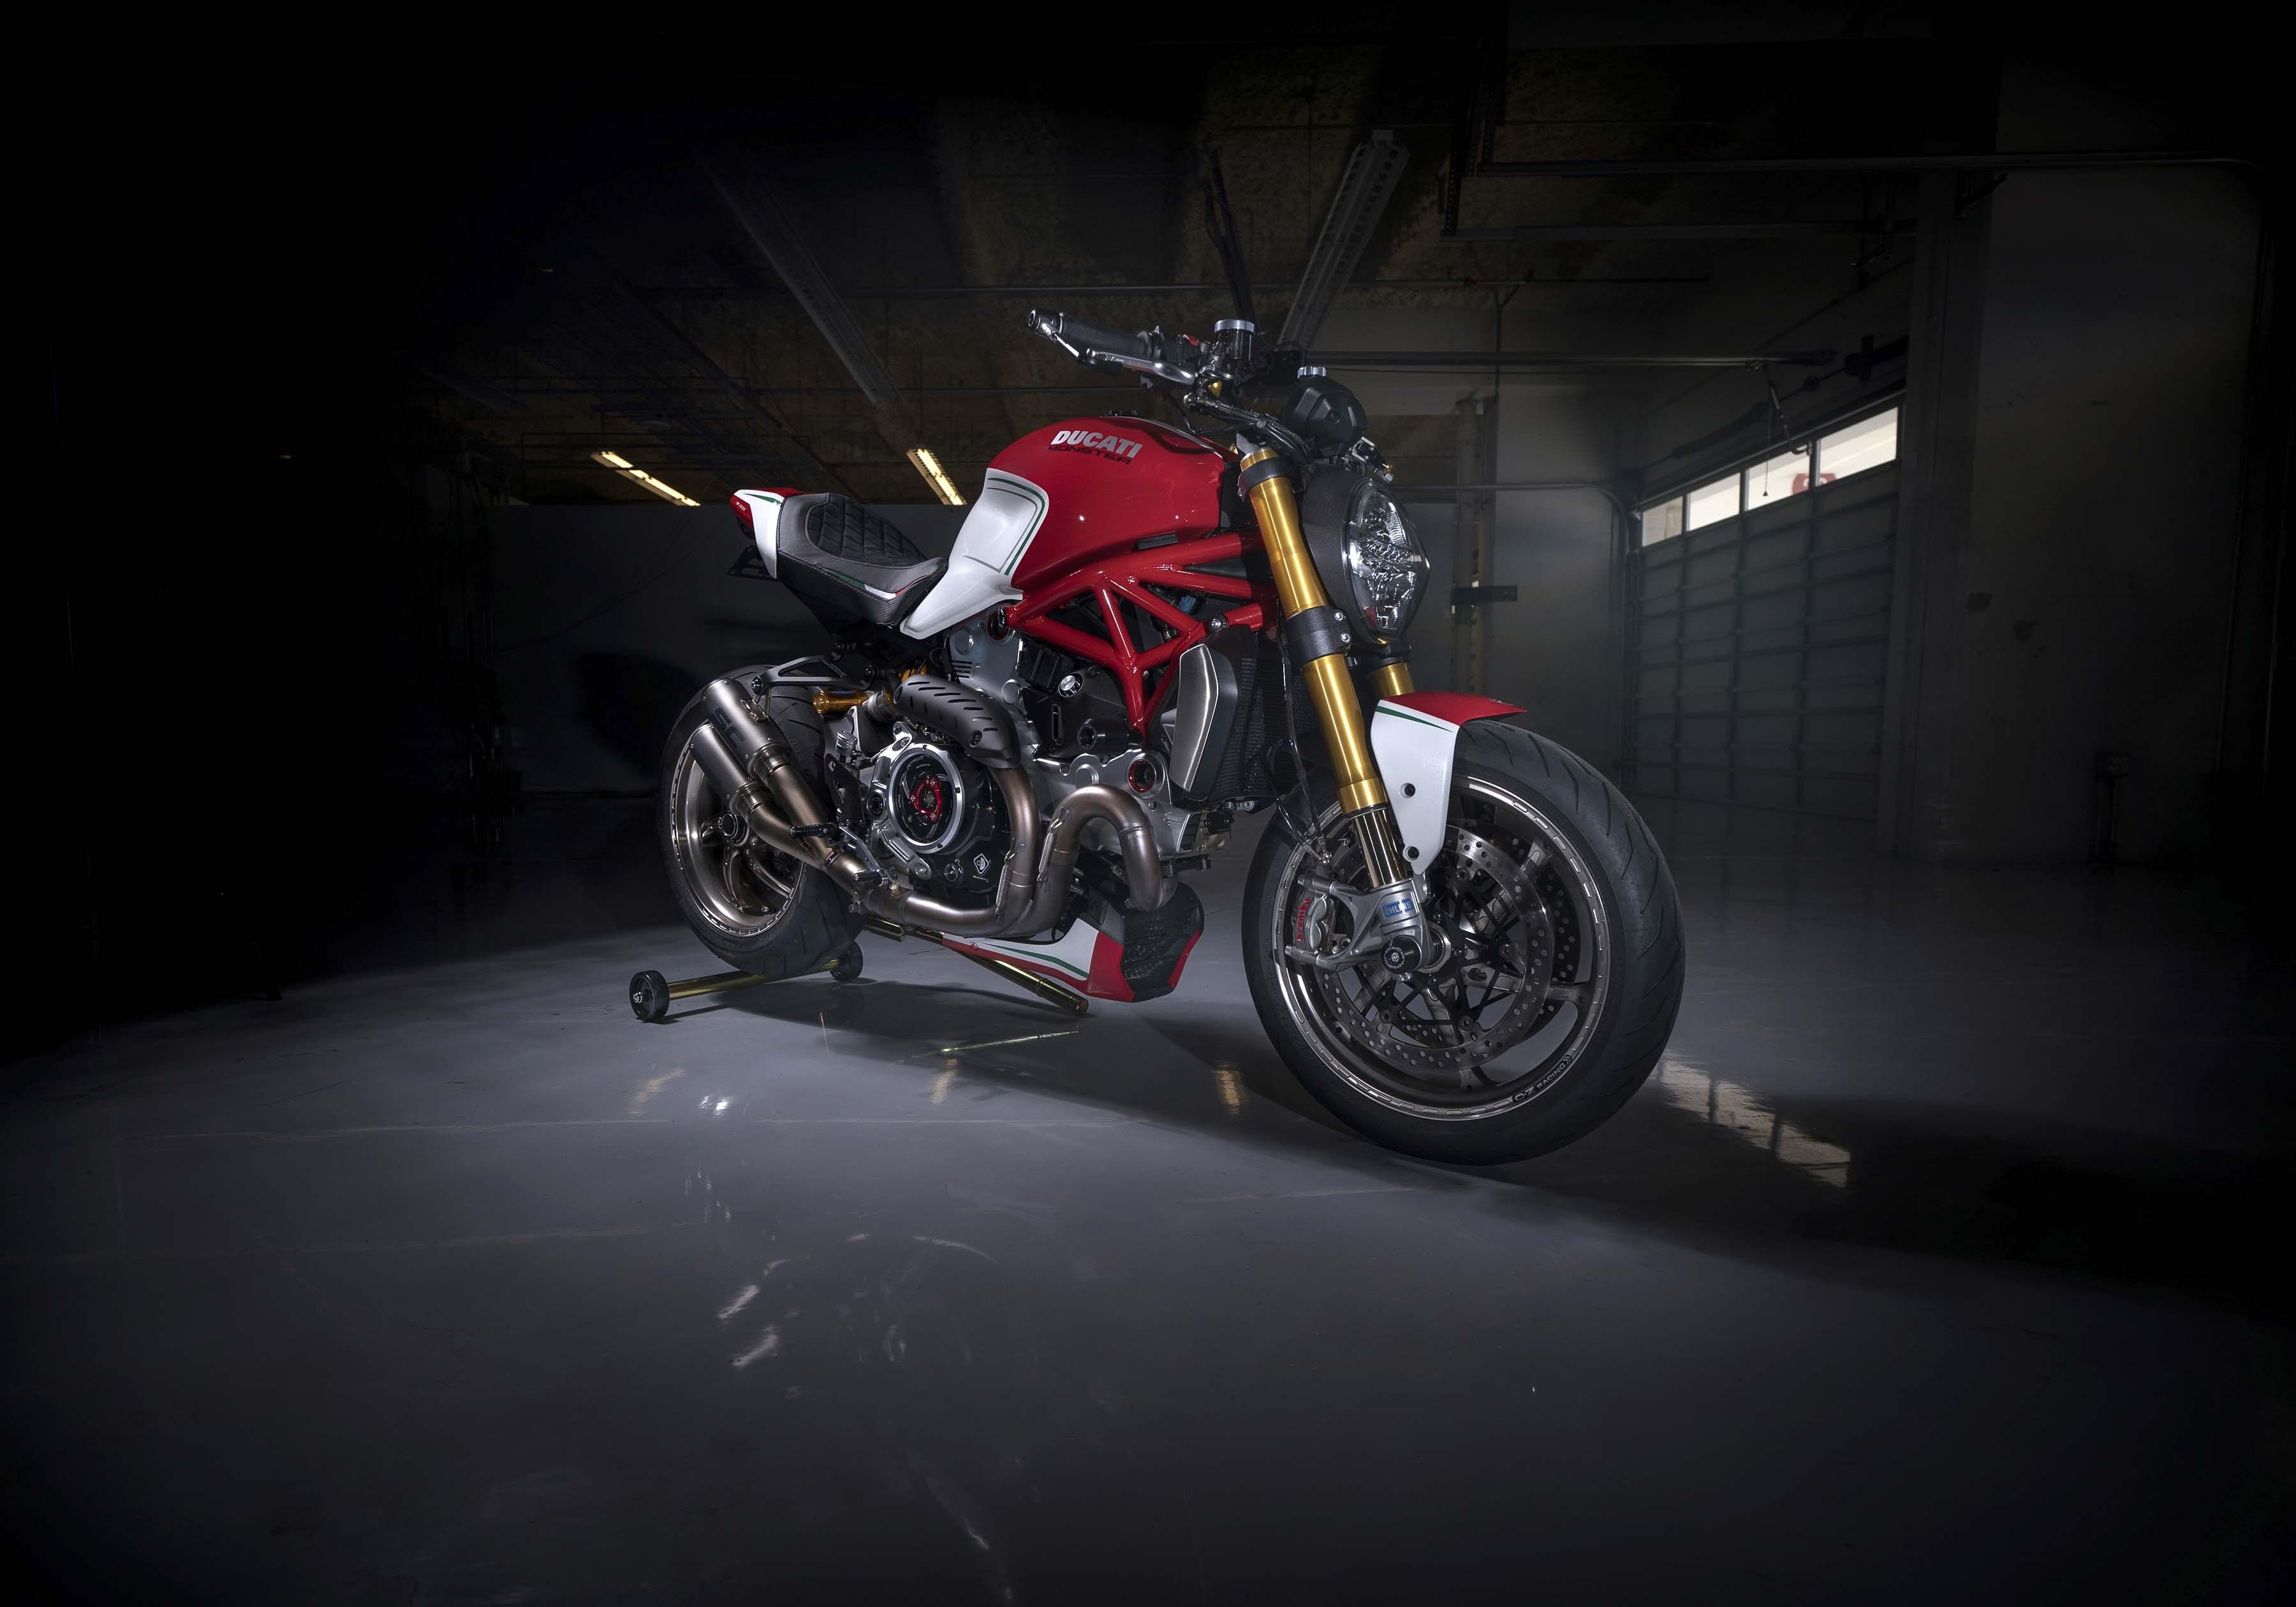 Ducati-Monster-1200-Tricolore-Motovation-15